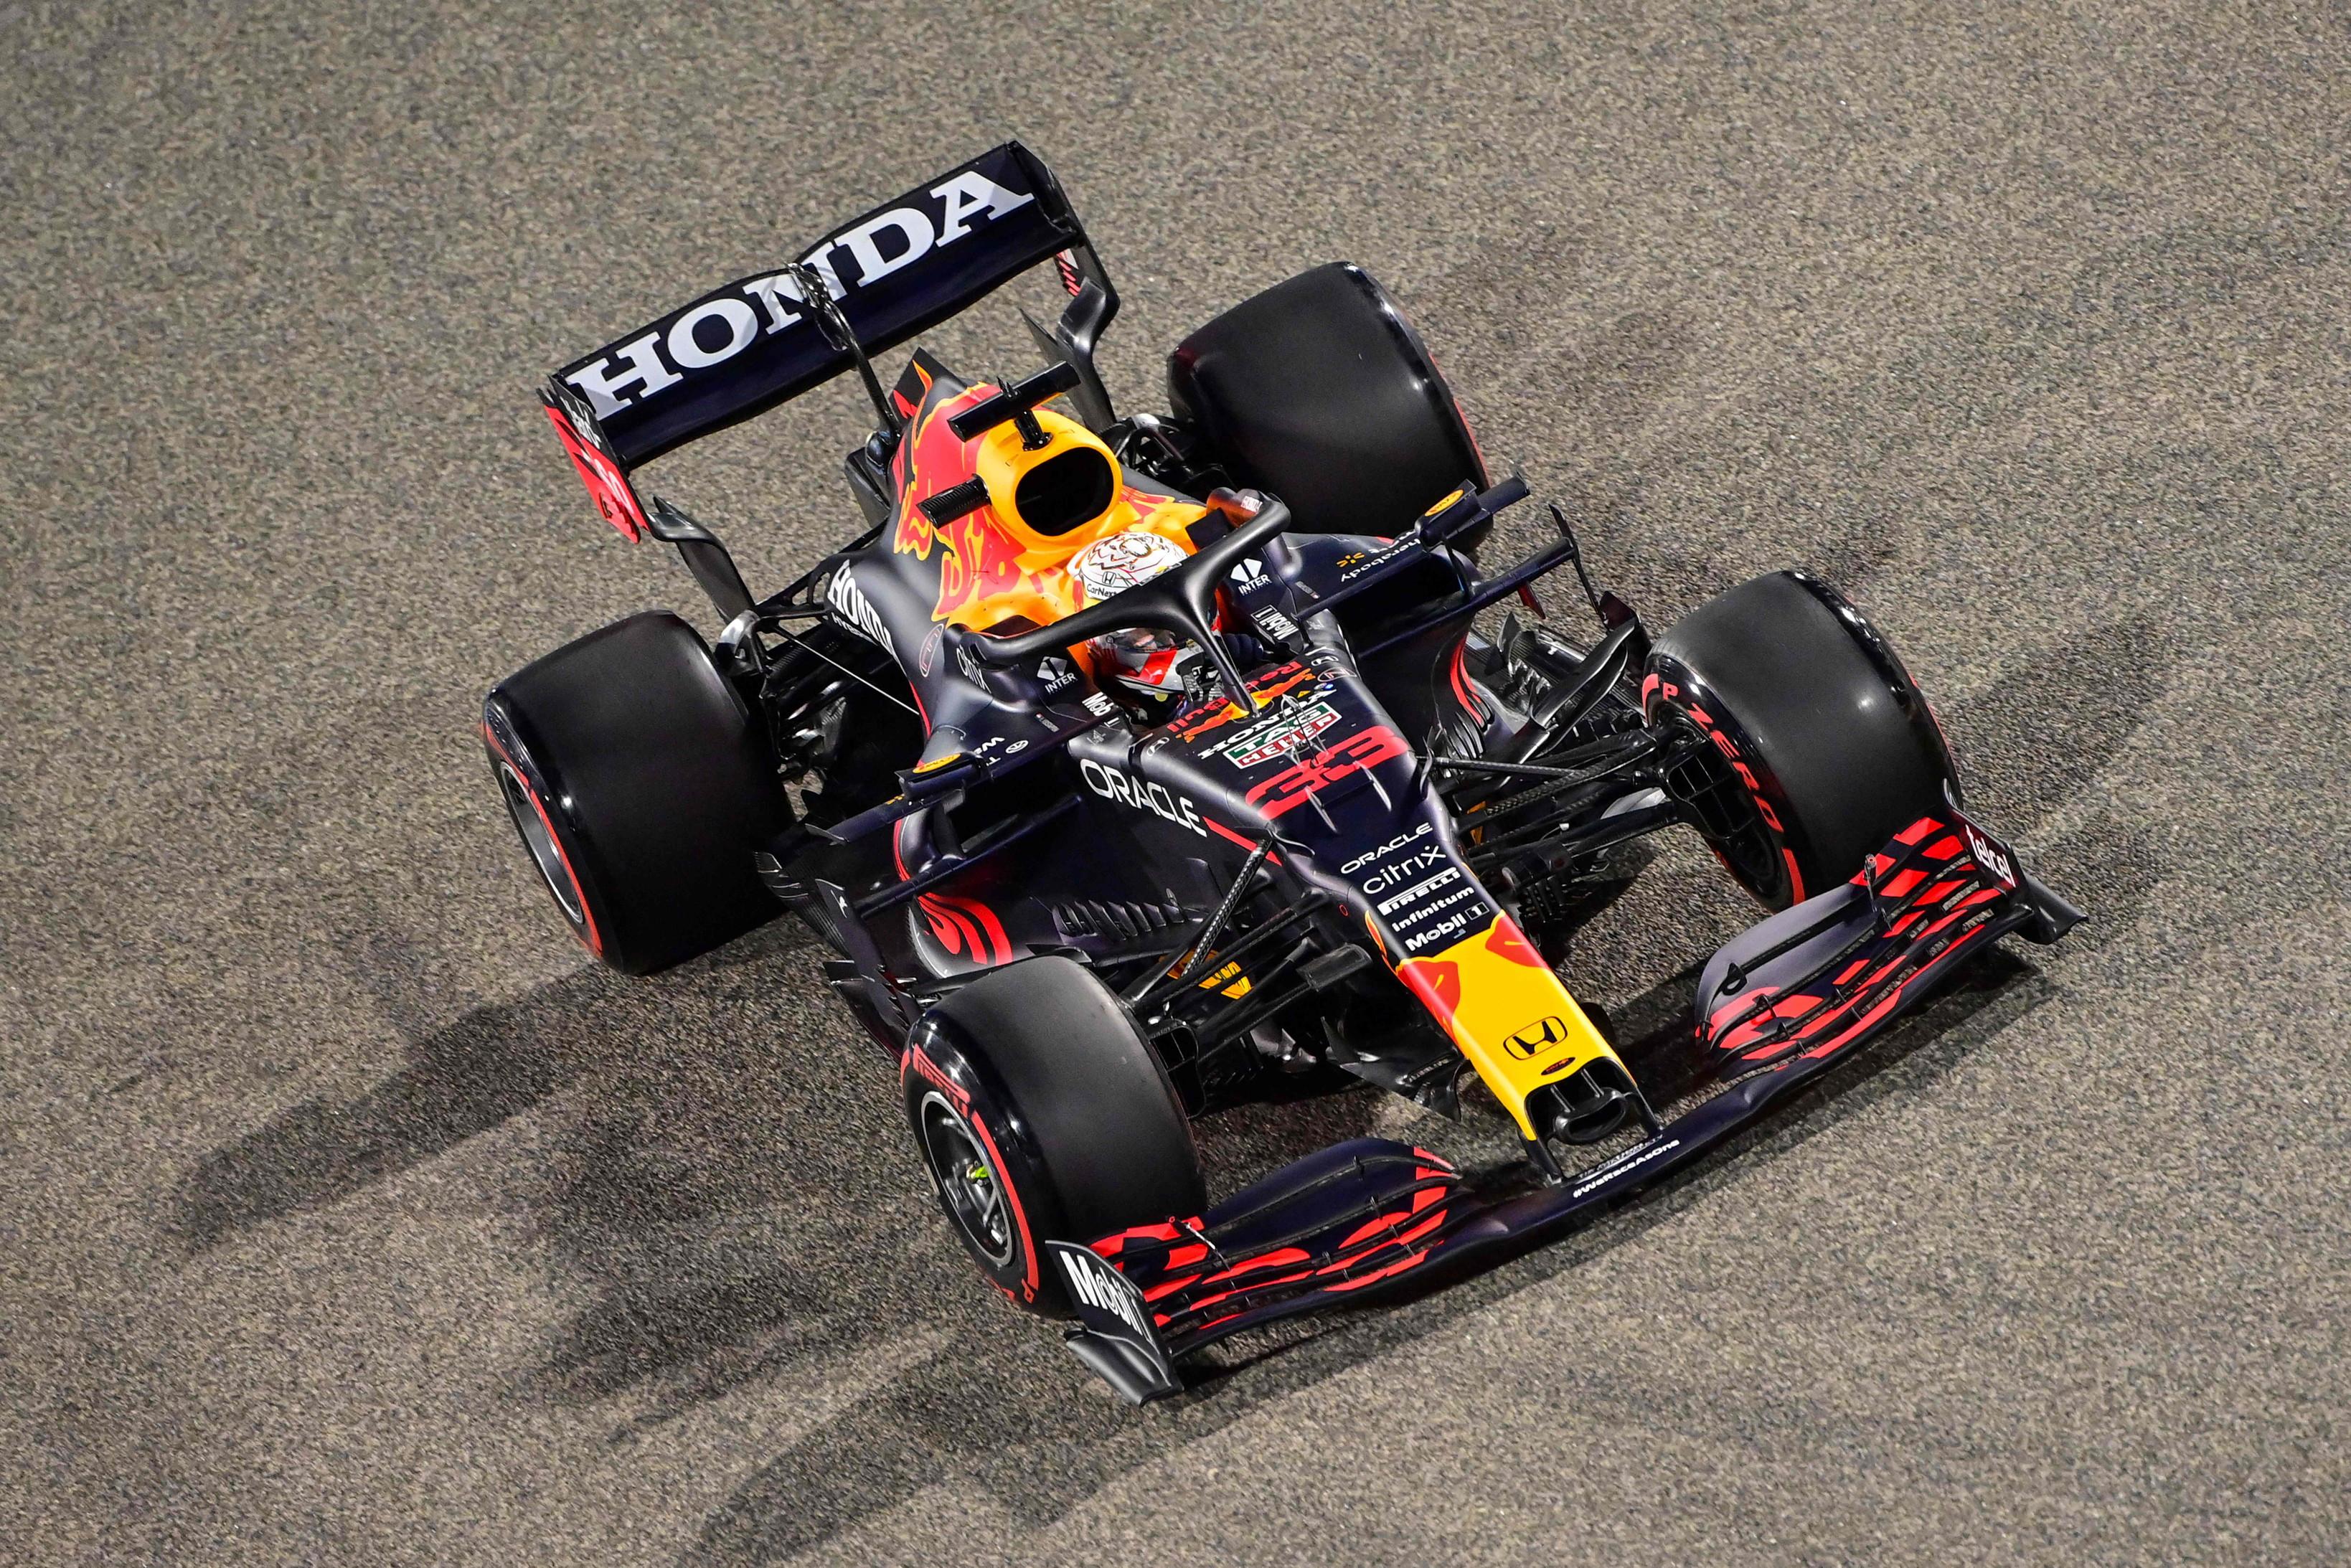 La prima pole della stagione 2021 &egrave; di Verstappen e della Red Bull. In Bahrain battute le Mercedes e Leclerc.<br /><br />